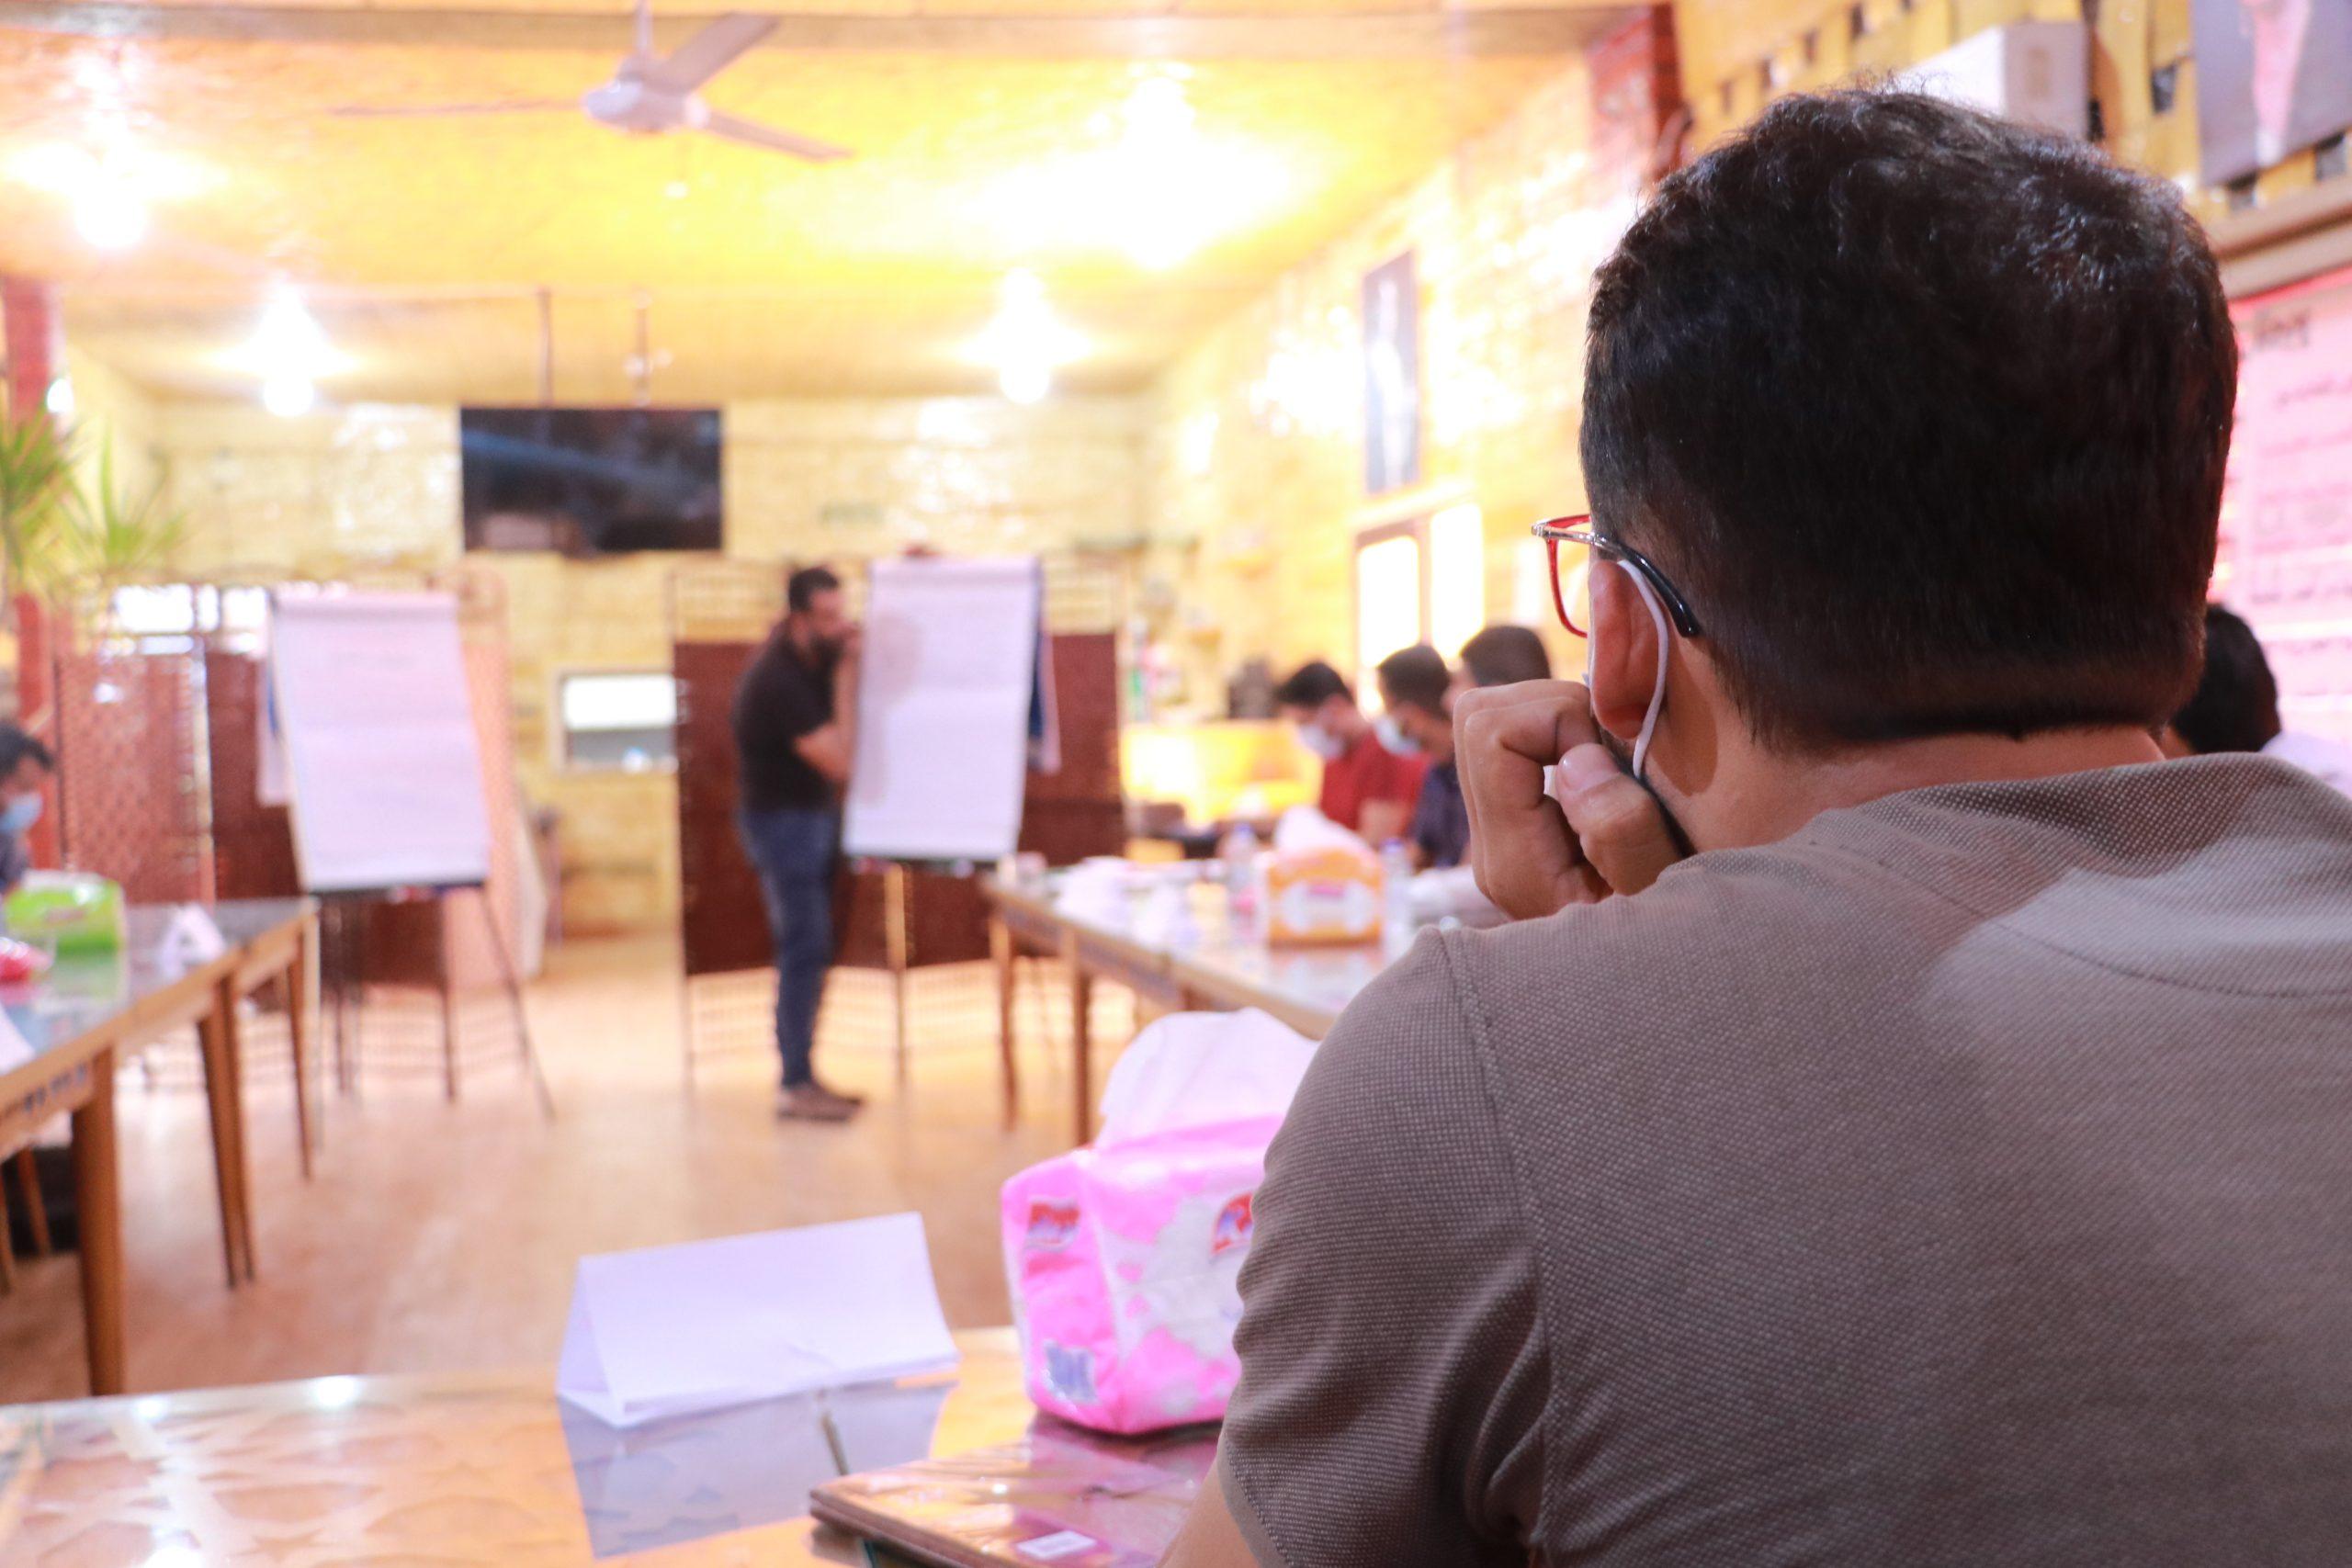 جلسات حوارية – دور المنظمات في تعزيز الامن